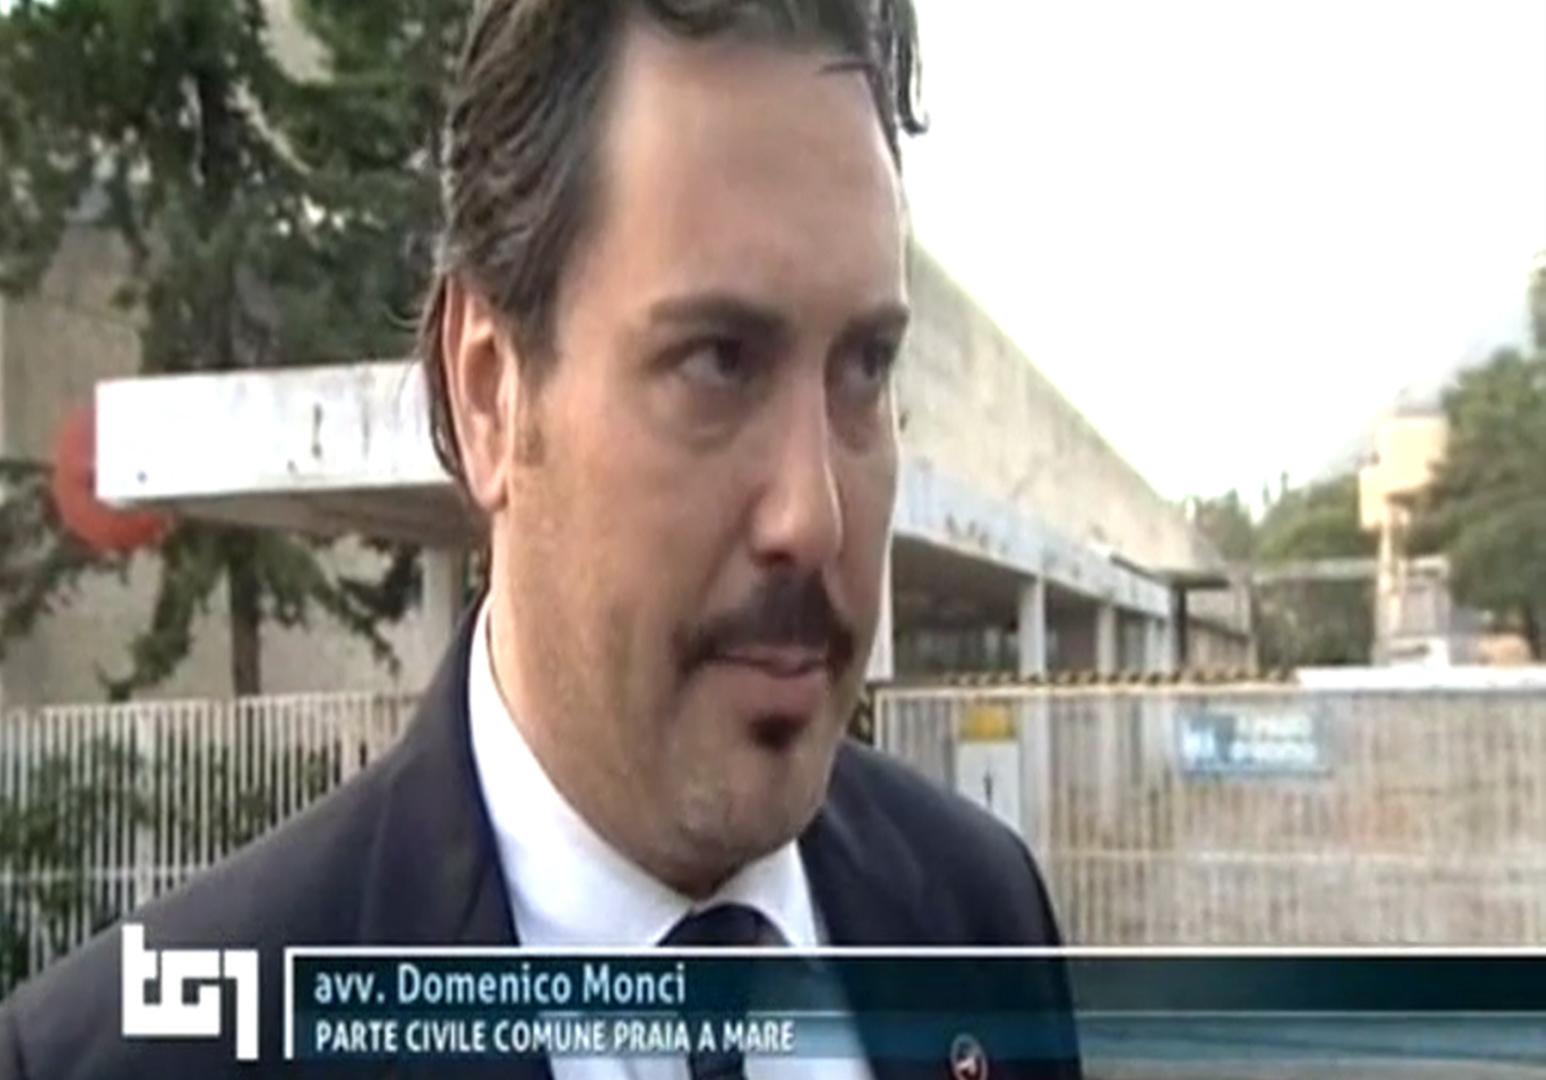 Legalmonci - Avv. Domenico Monci - TG1